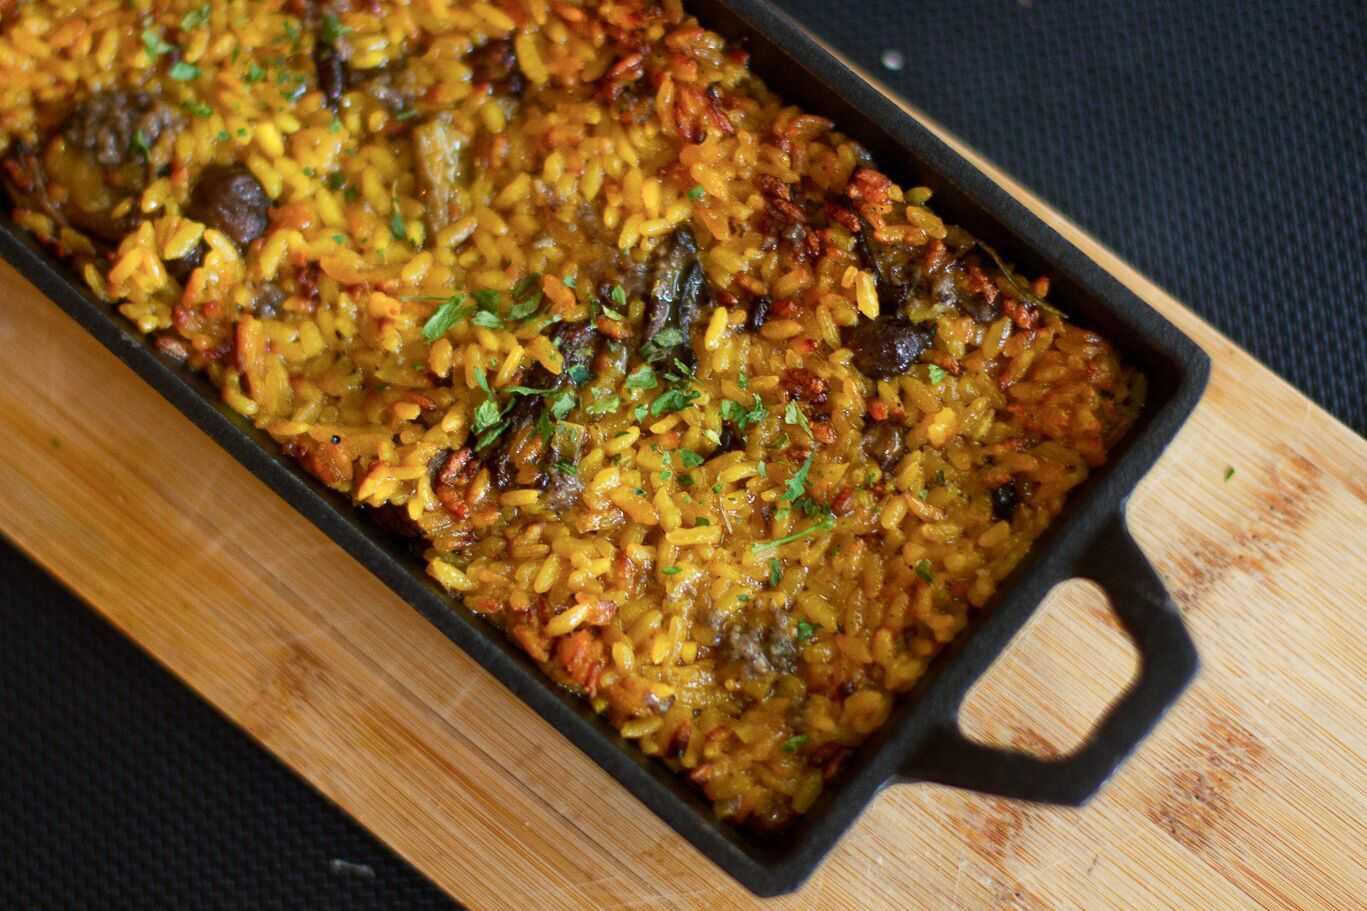 arroz clectic